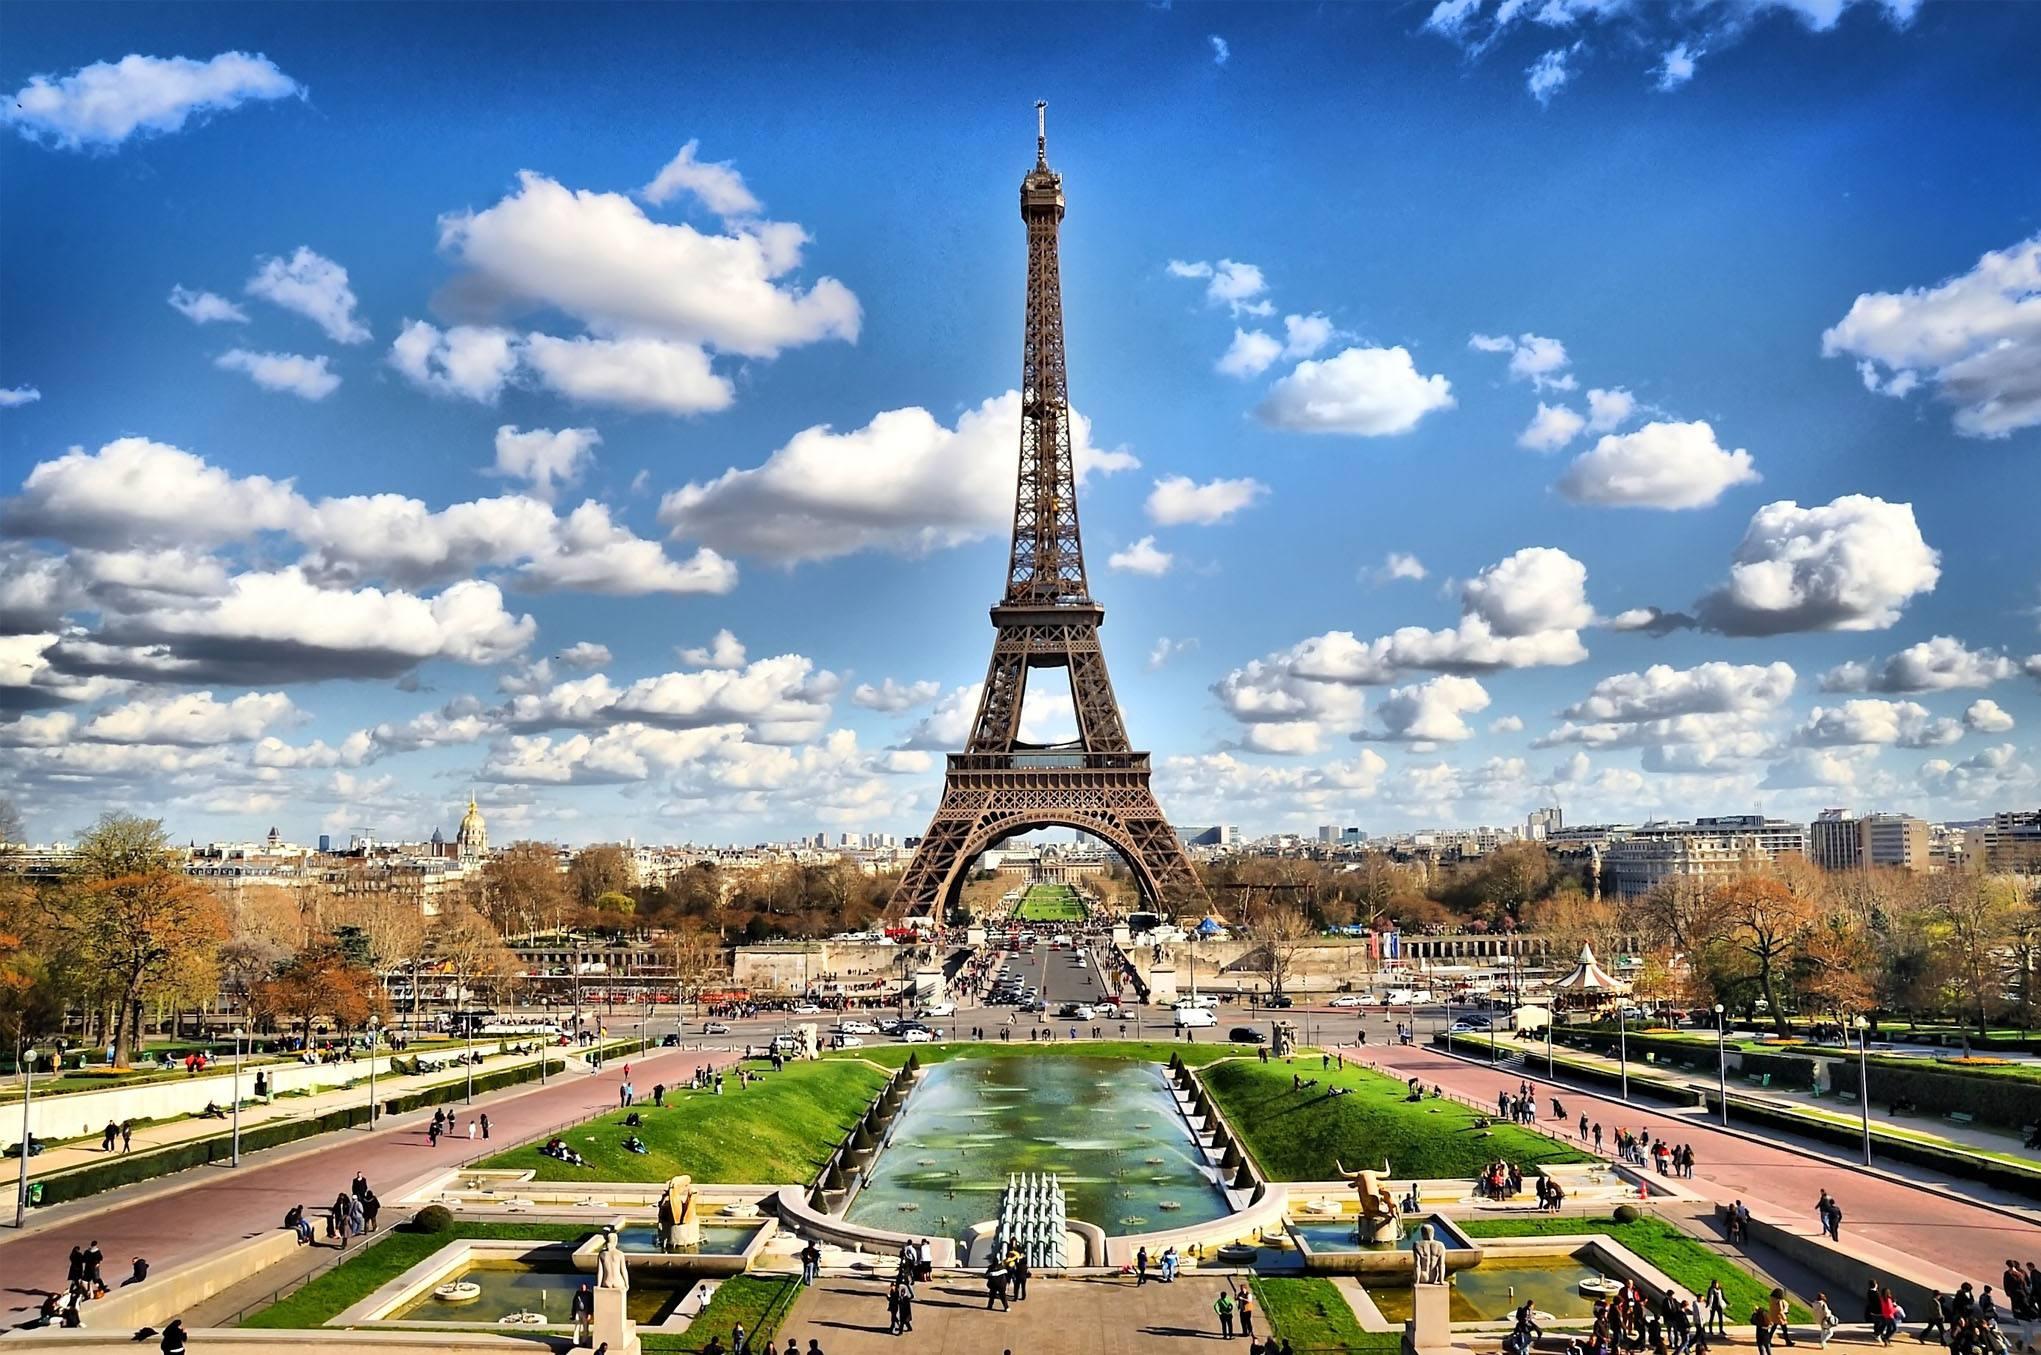 法国宣布解除巴黎热浪警报 但南部气温仍高居不下